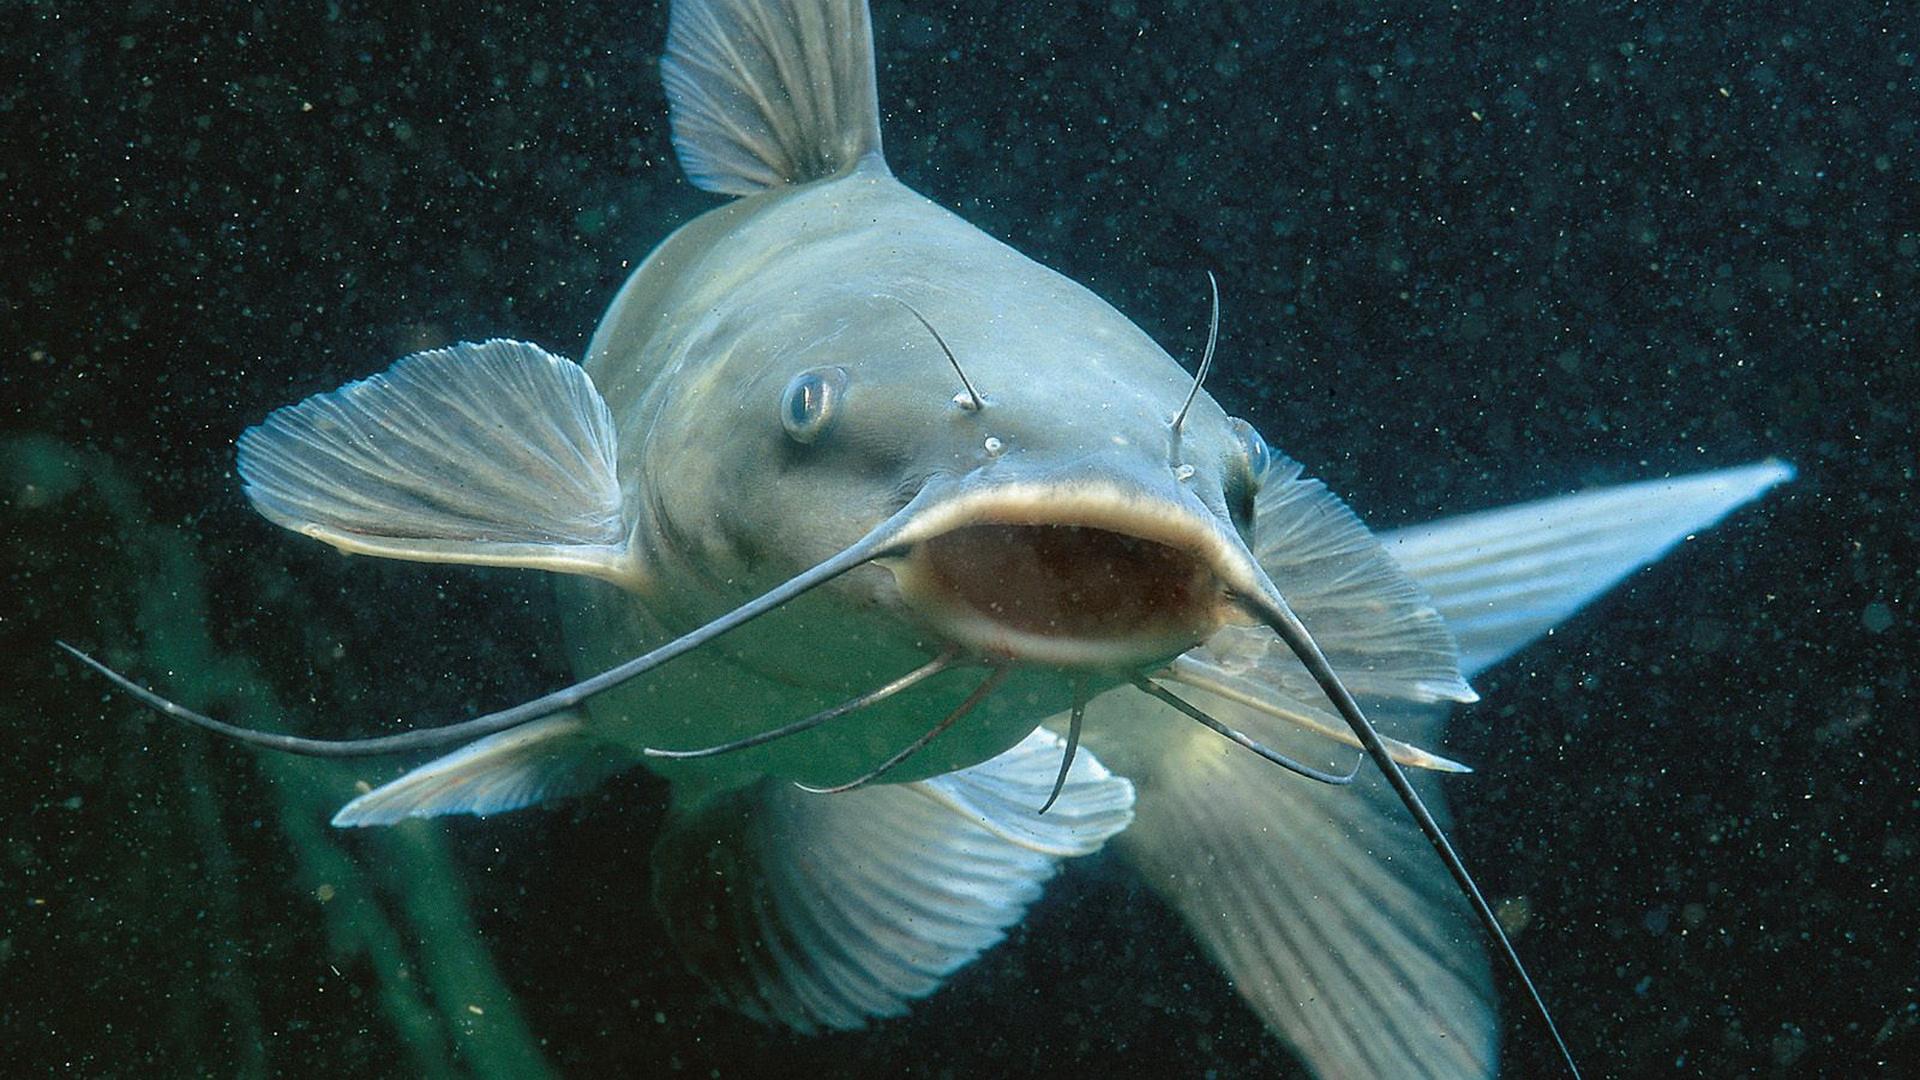 Cute Sea catfish wallpaper